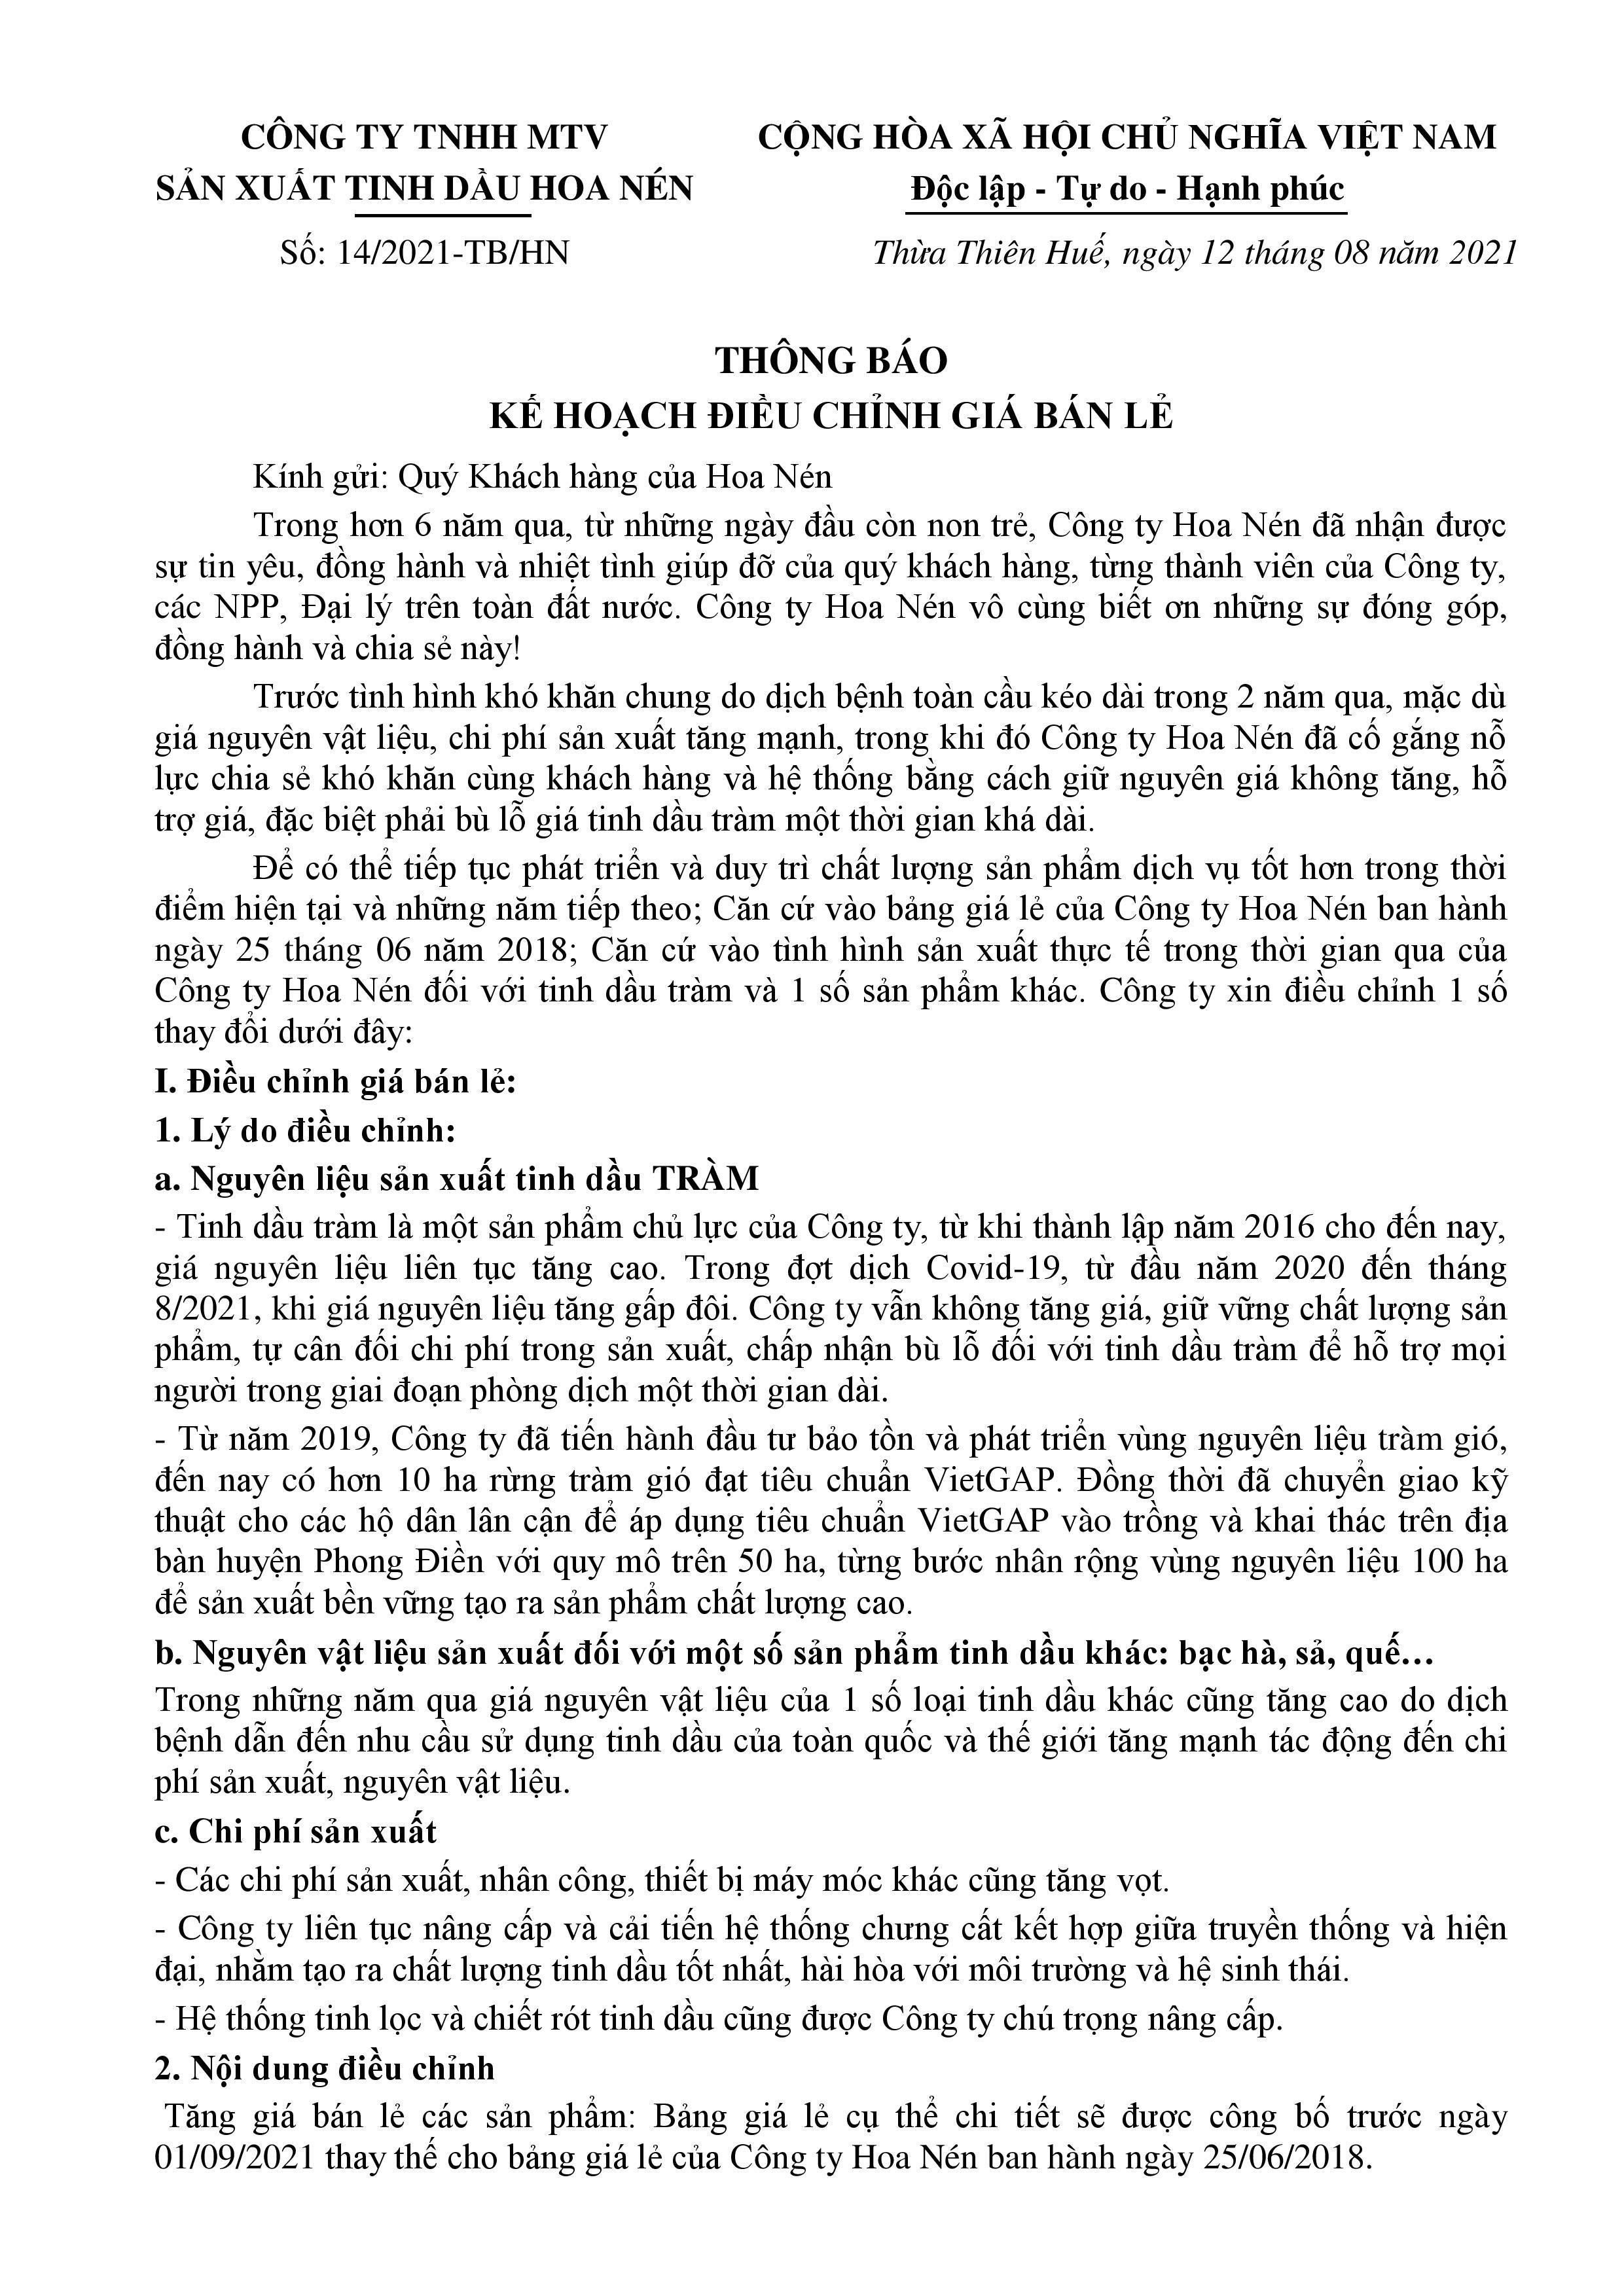 THONG BAO 2 DIEU CHINH GIA 2021 GUI KHACH HANG  16.8-page-001